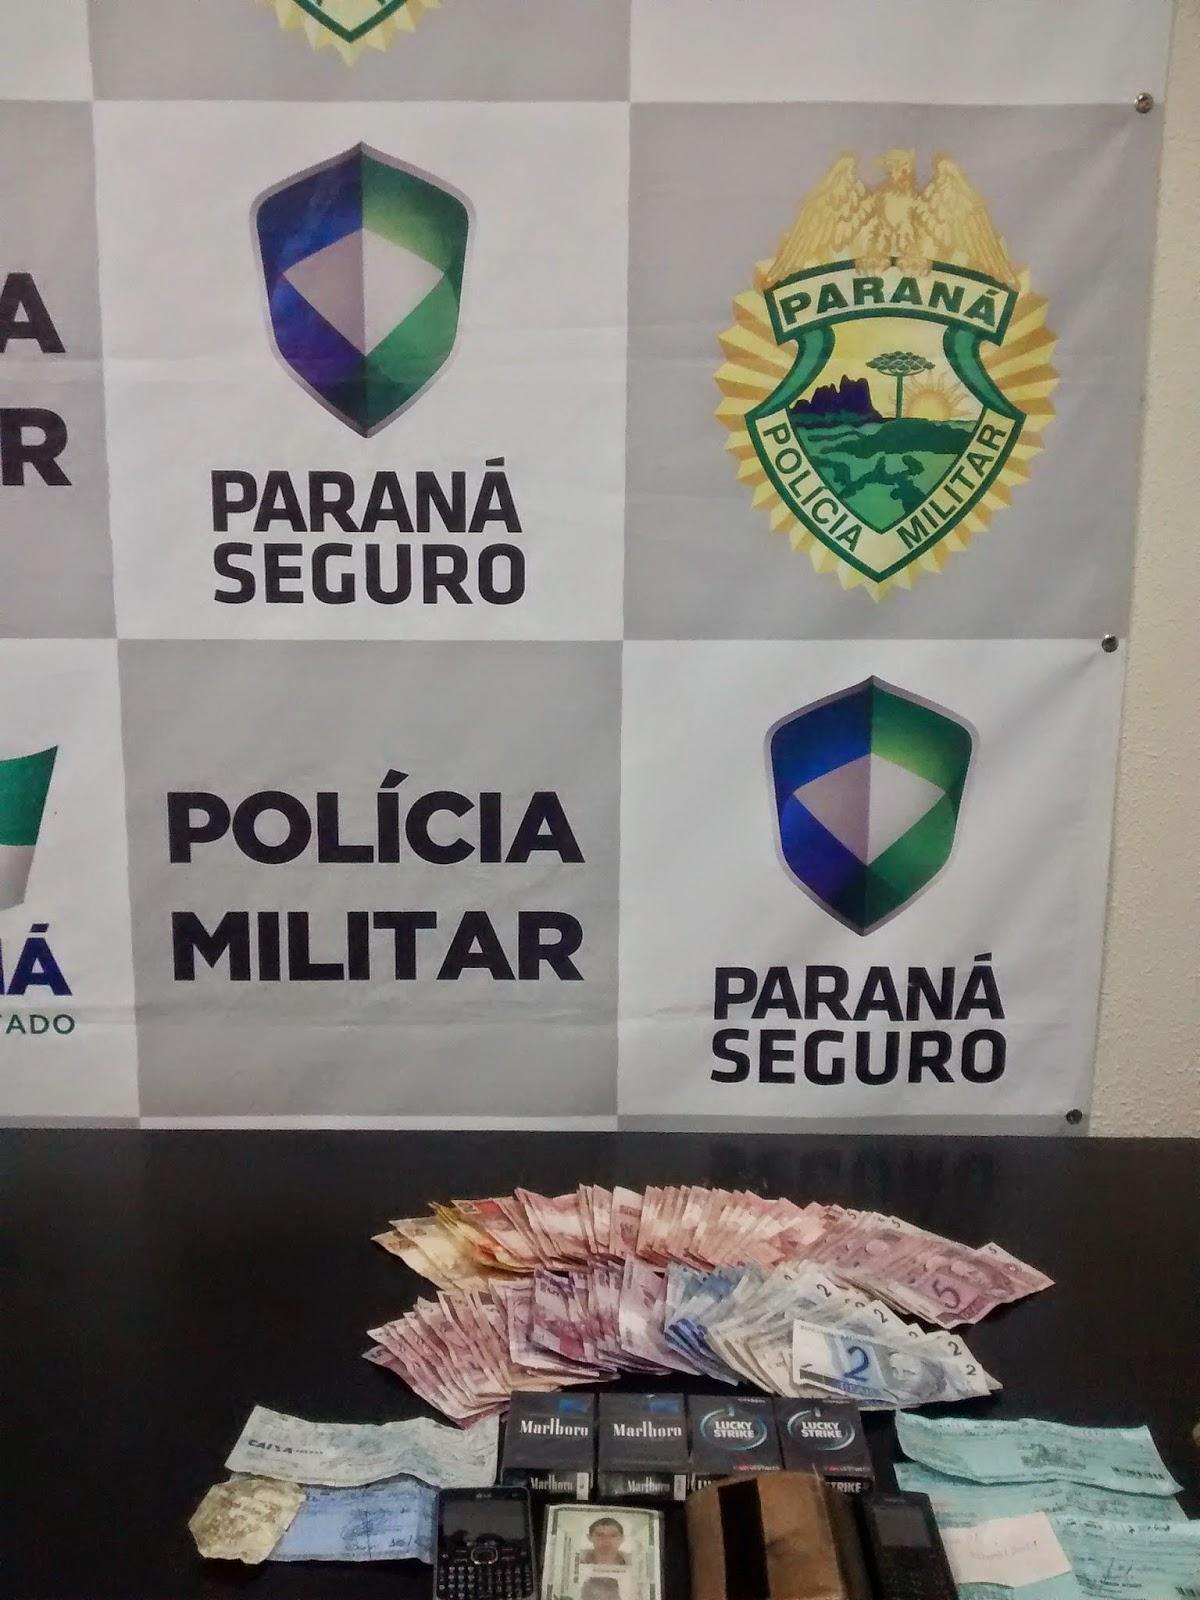 Blog de Castro, Notícias de Castro paraná,Polícia prende assaltante e recupera dinheiro